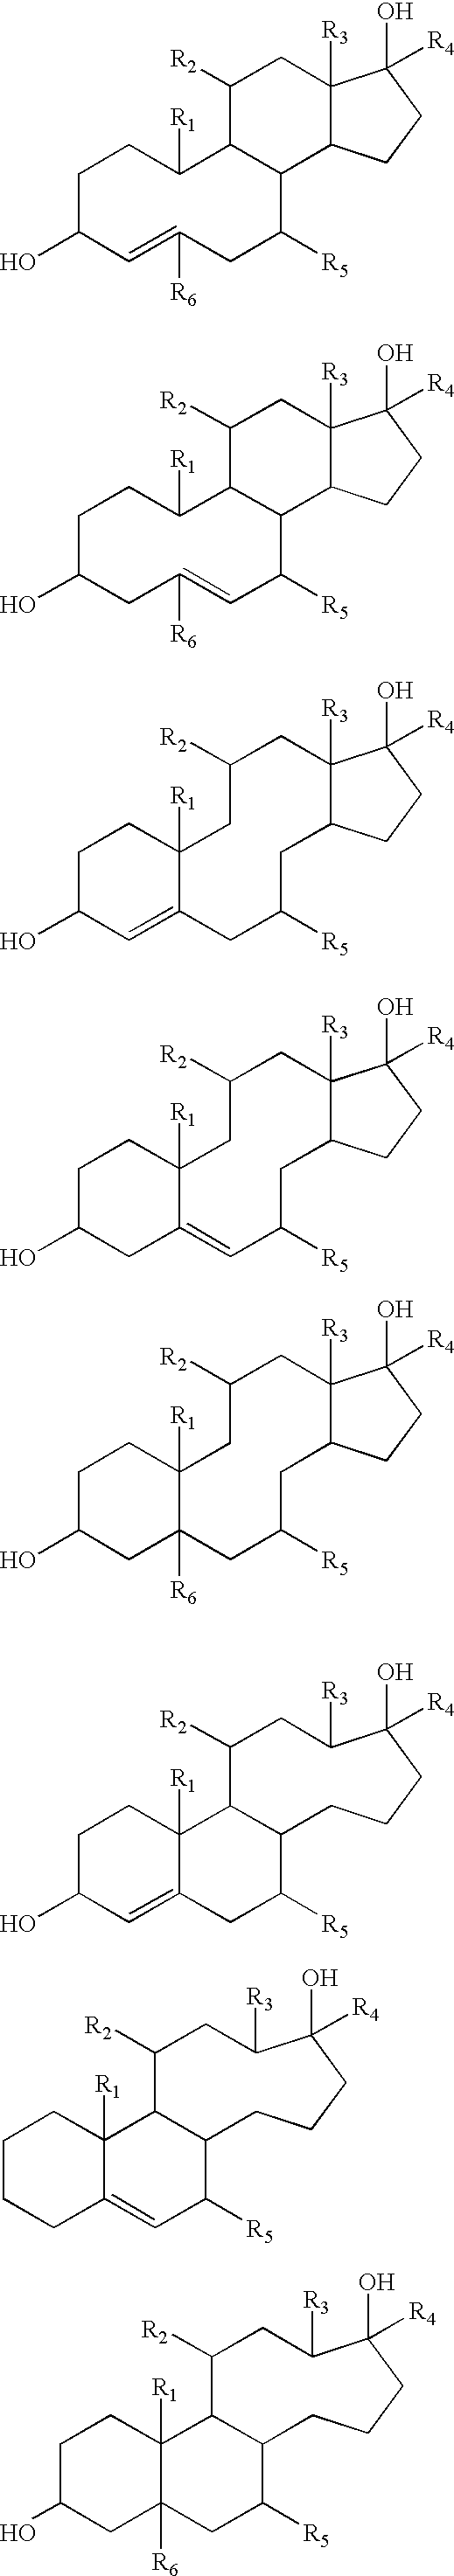 Figure US20030119800A1-20030626-C00055